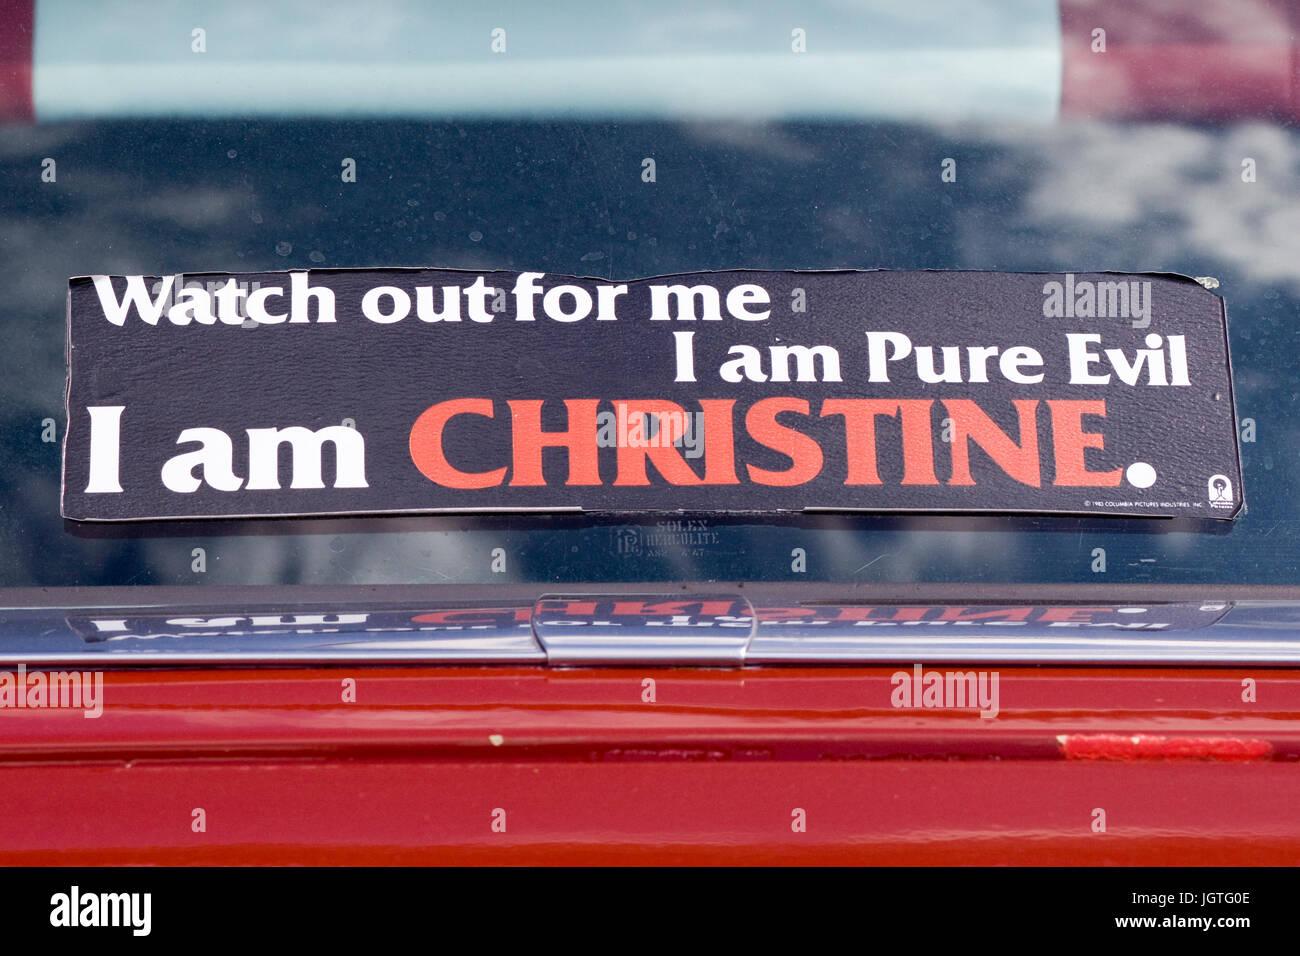 Mire hacia fuera para mí, me siento mal puro, soy Christine Imagen De Stock